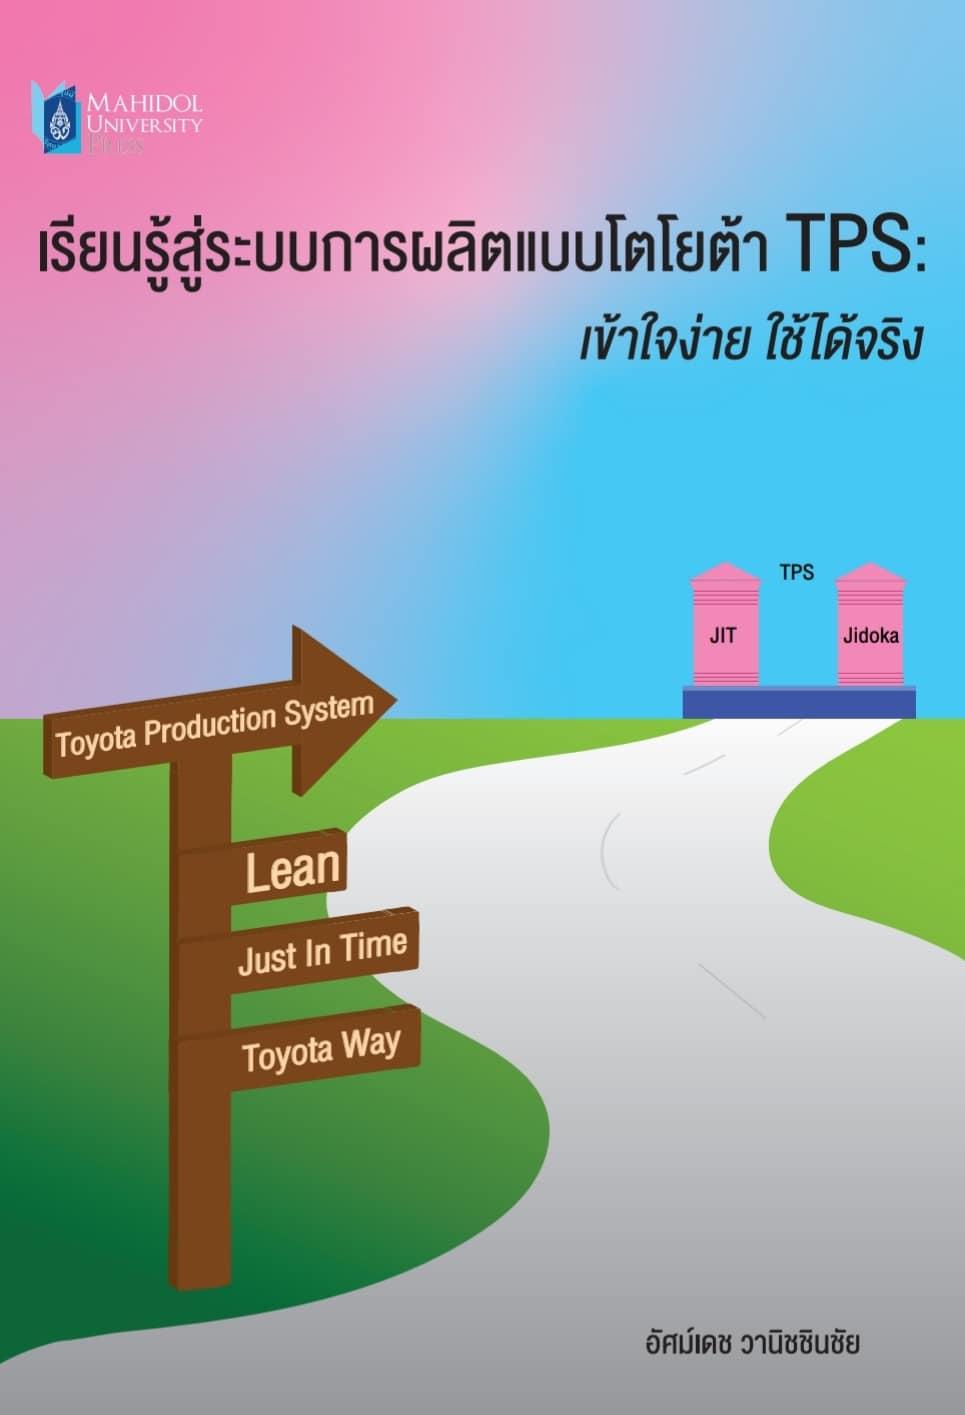 เรียนรู้สู่ระบบการผลิตแบบโตโยต้า TPS :เข้าใจง่าย ใช้ได้จริง